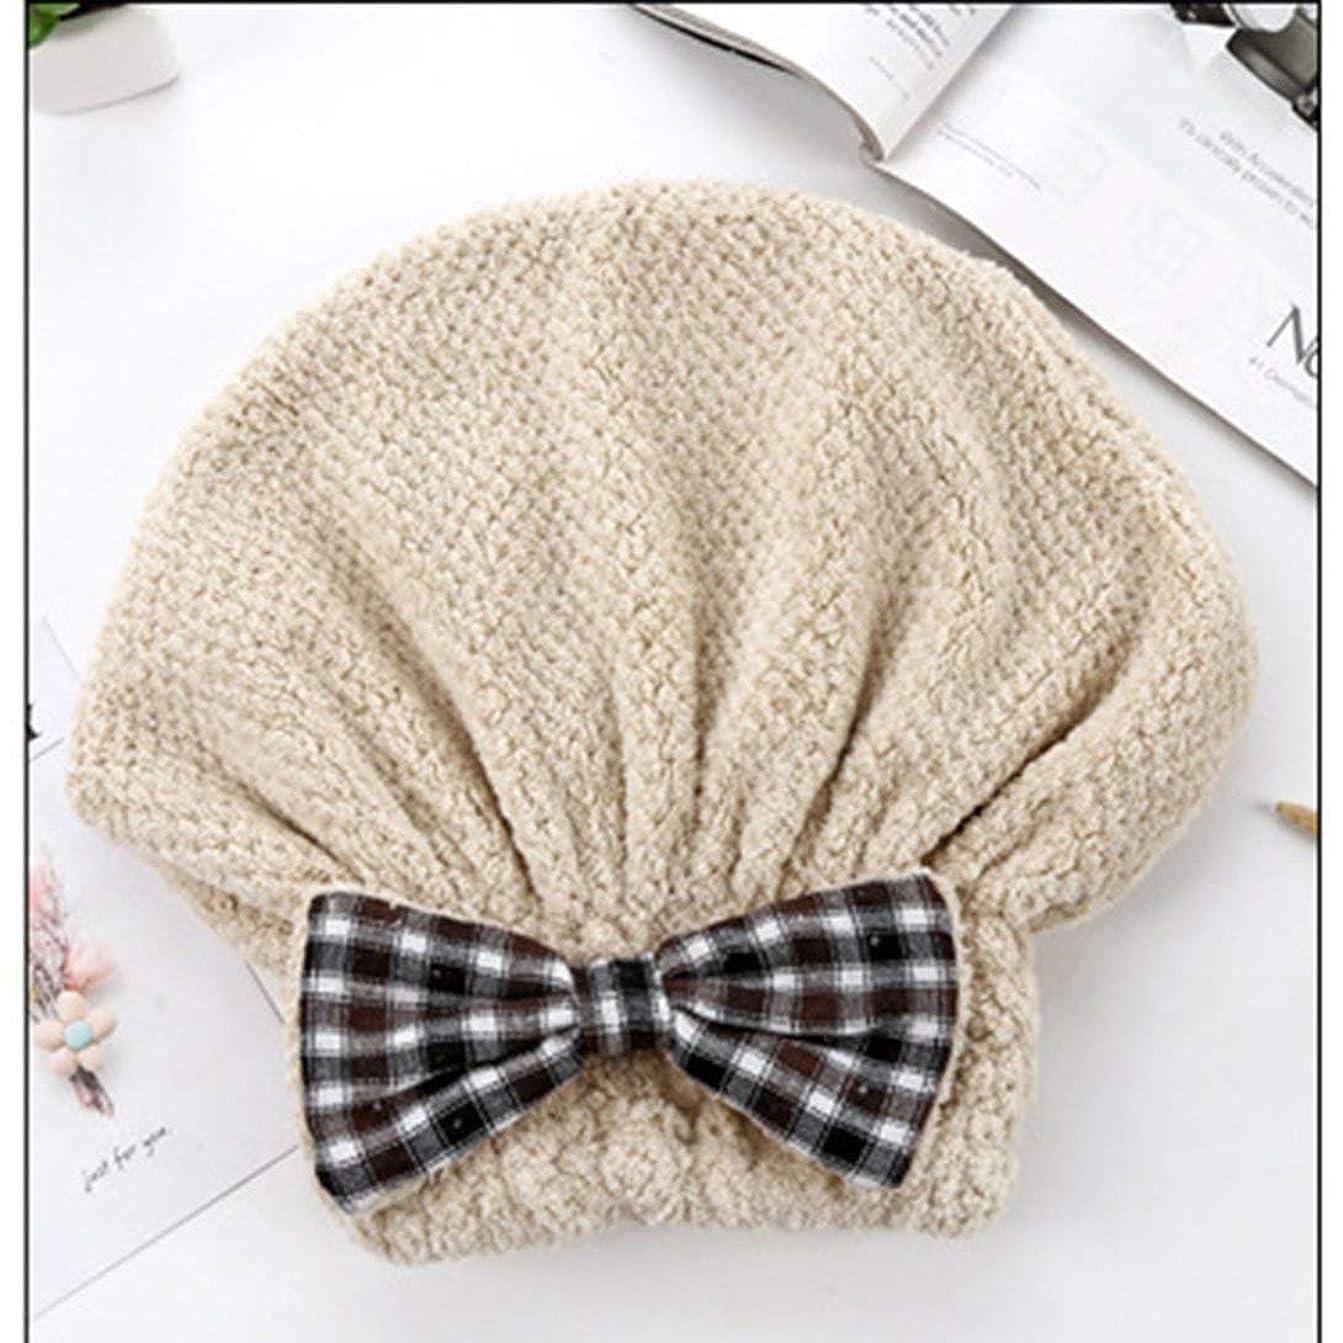 ノート遺跡確かめるSwiftgood ヘアタオルラップ、ボタン付きヘアドライヤータオル、マイクロファイバーヘアタオル、乾いた髪の帽子、バスヘアキャップ